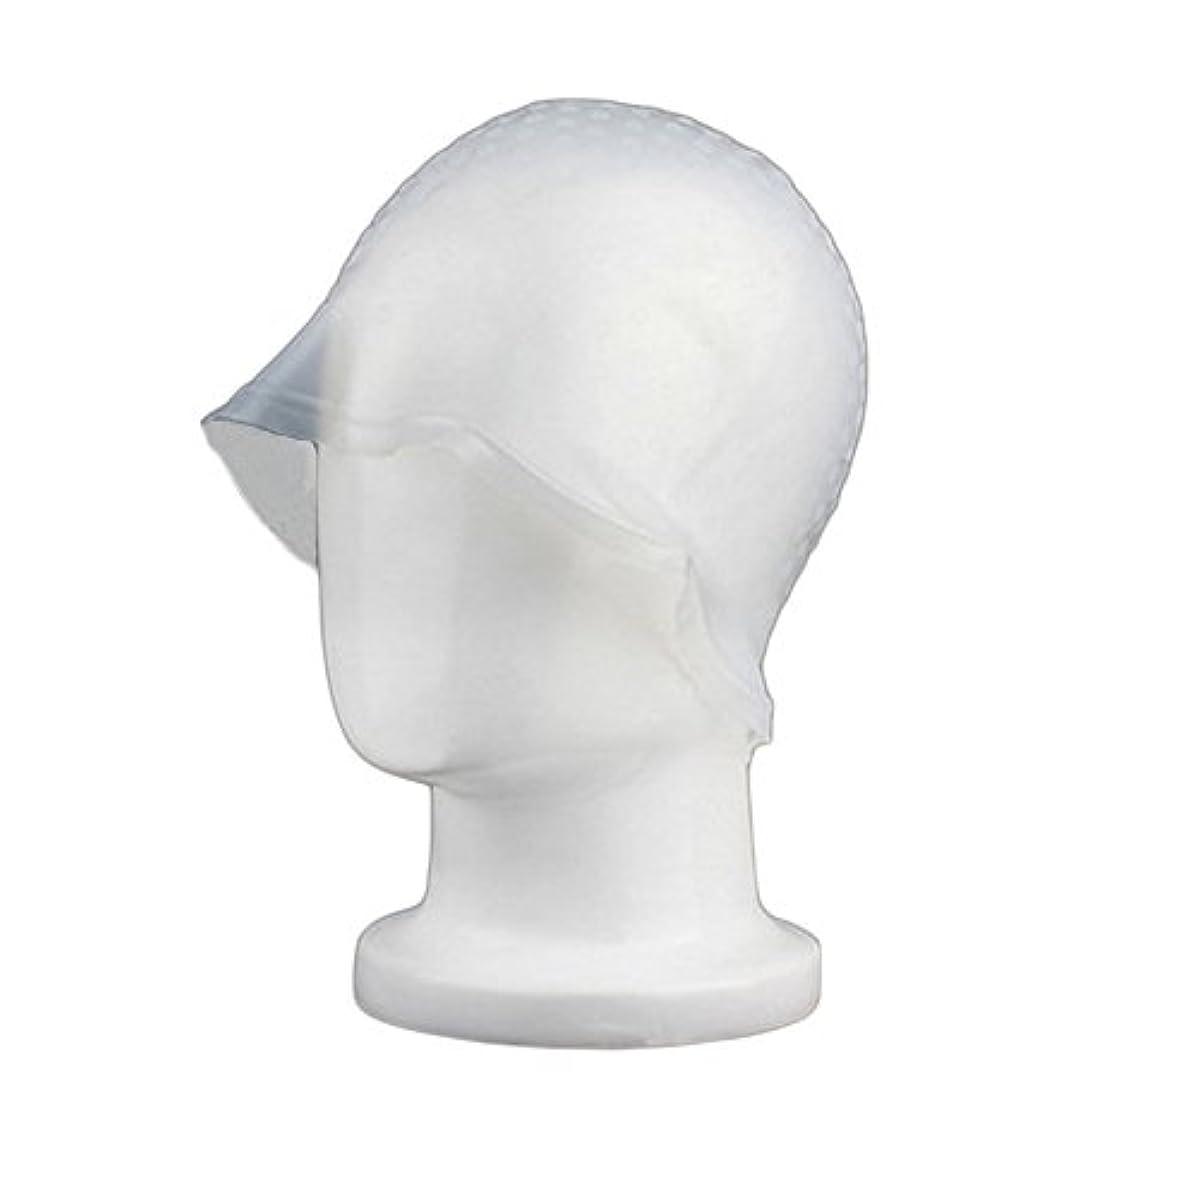 不良代わりにを立てる主張Zafina 毛染め用 キャップ 再利用可能 染め専用 ボンネット ヘアカラー (透明)